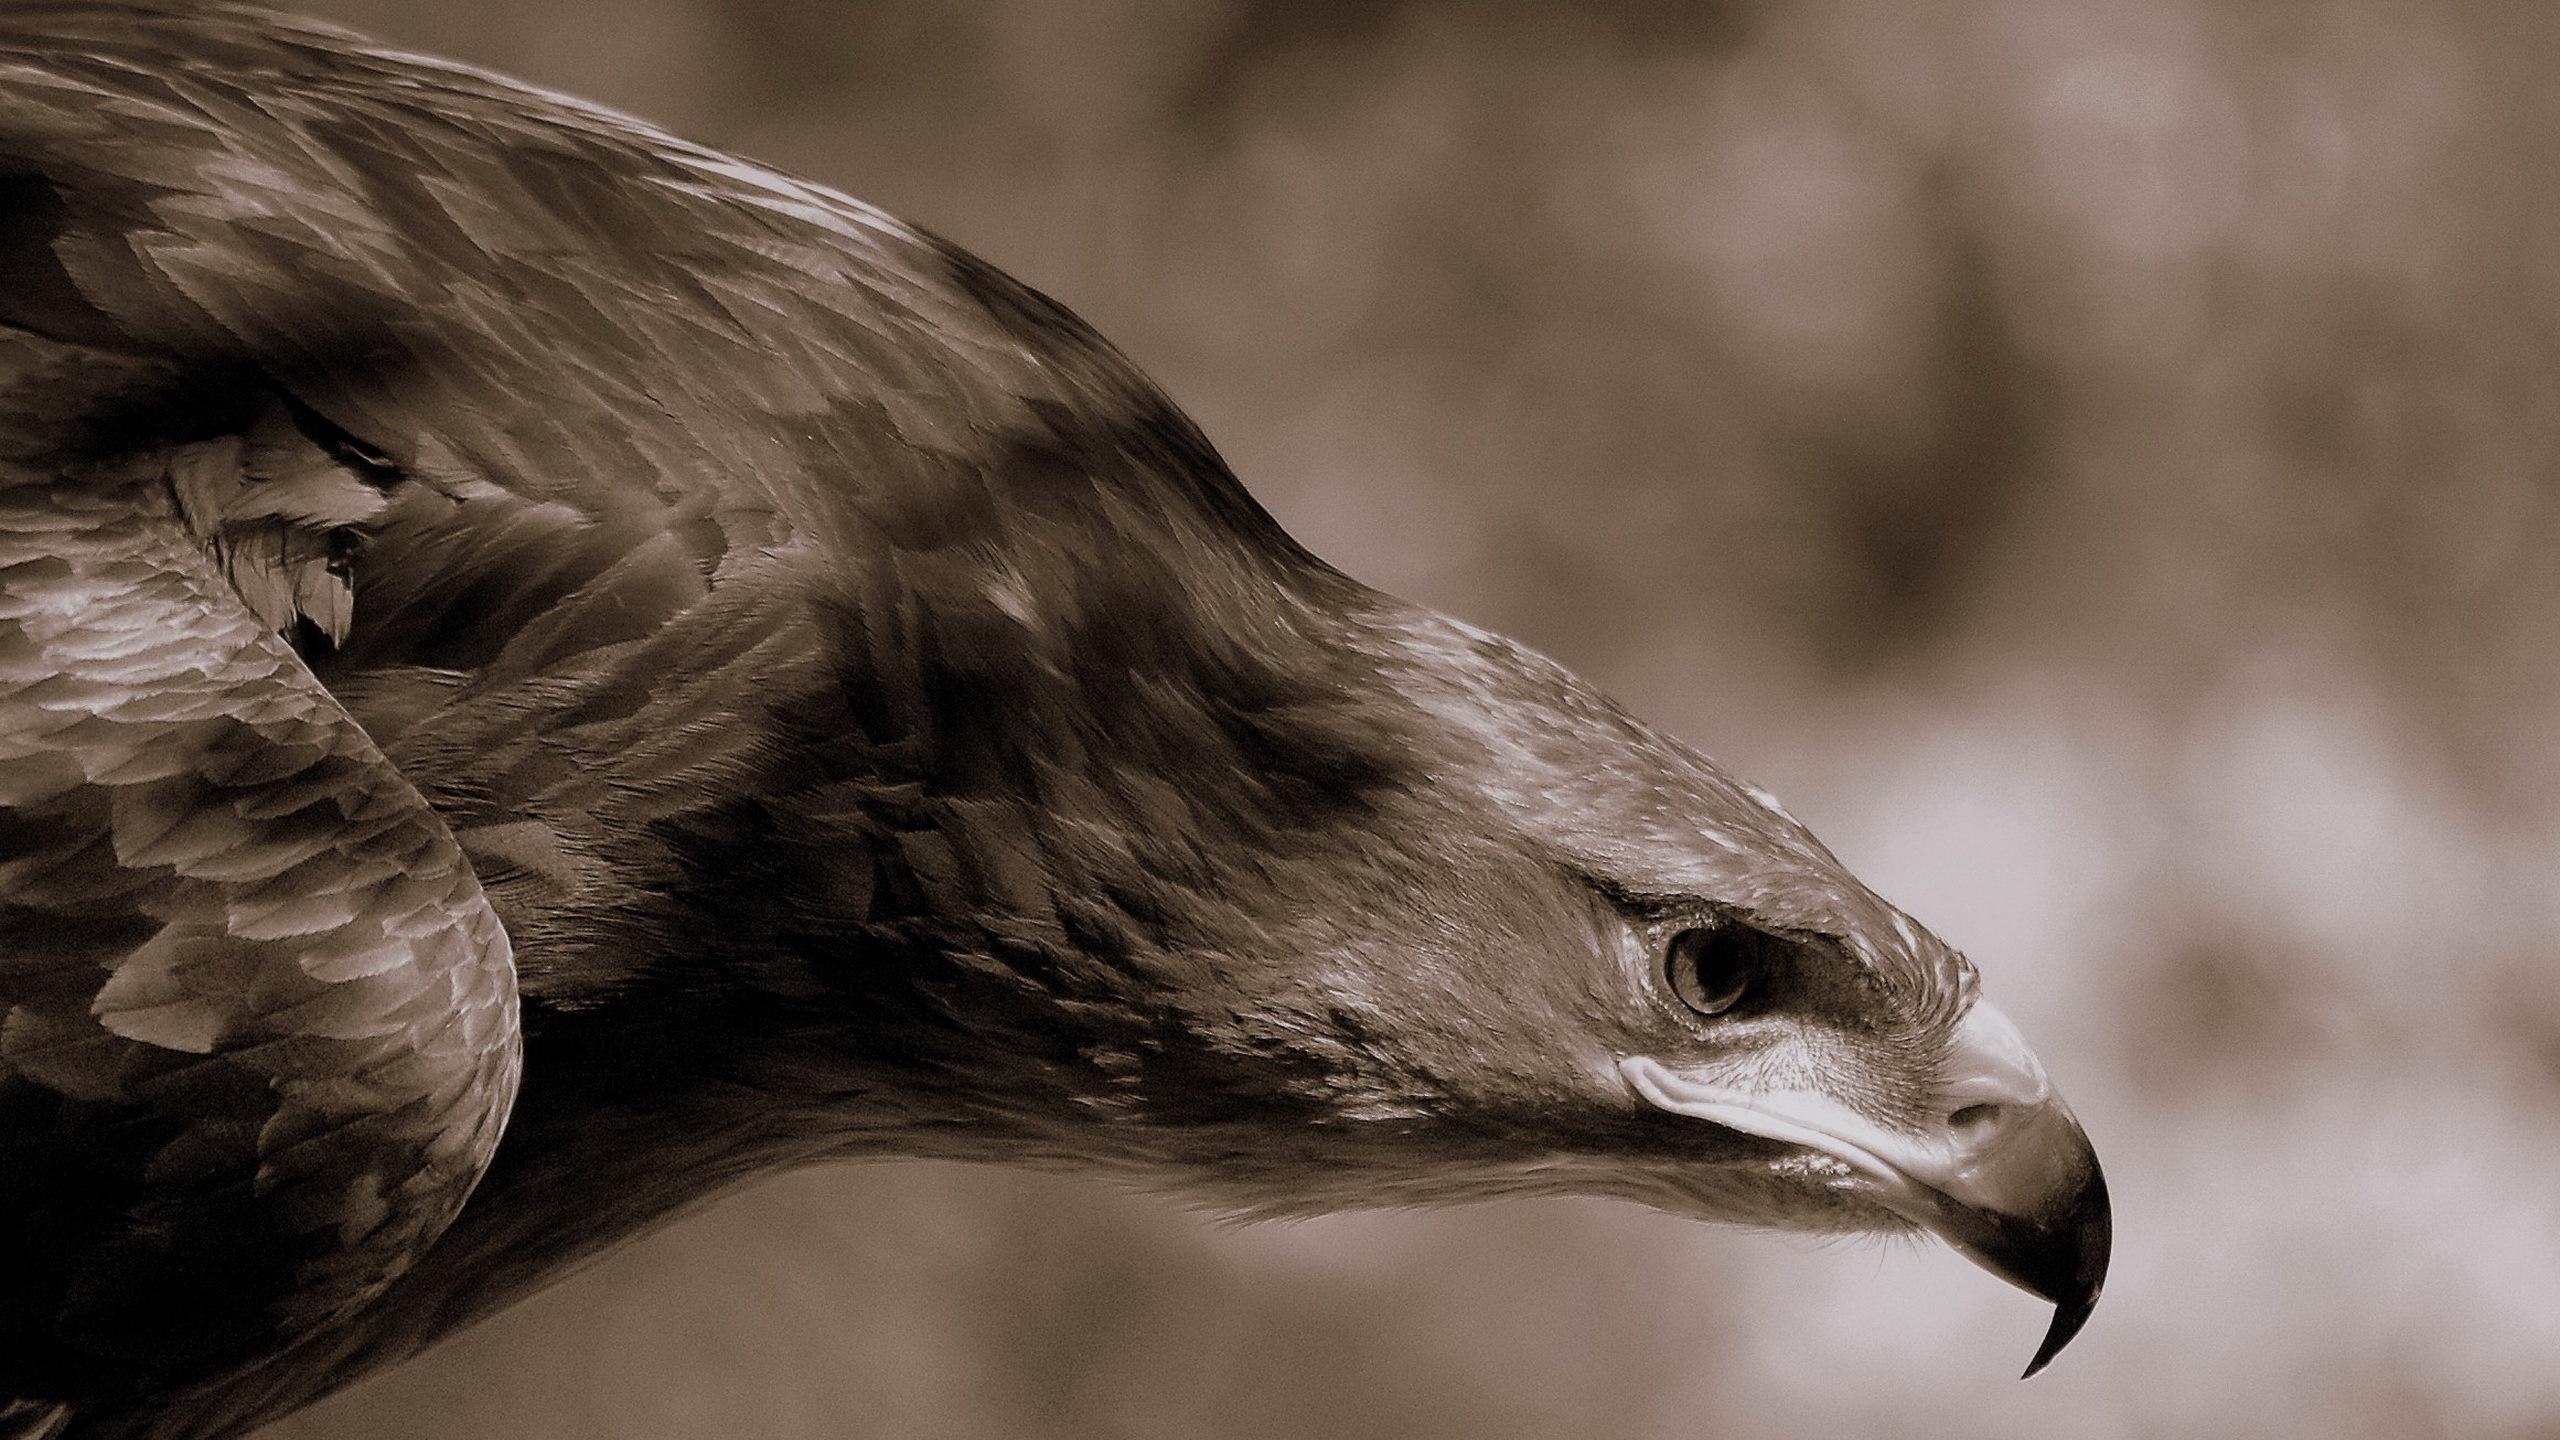 орел, клюв, перья